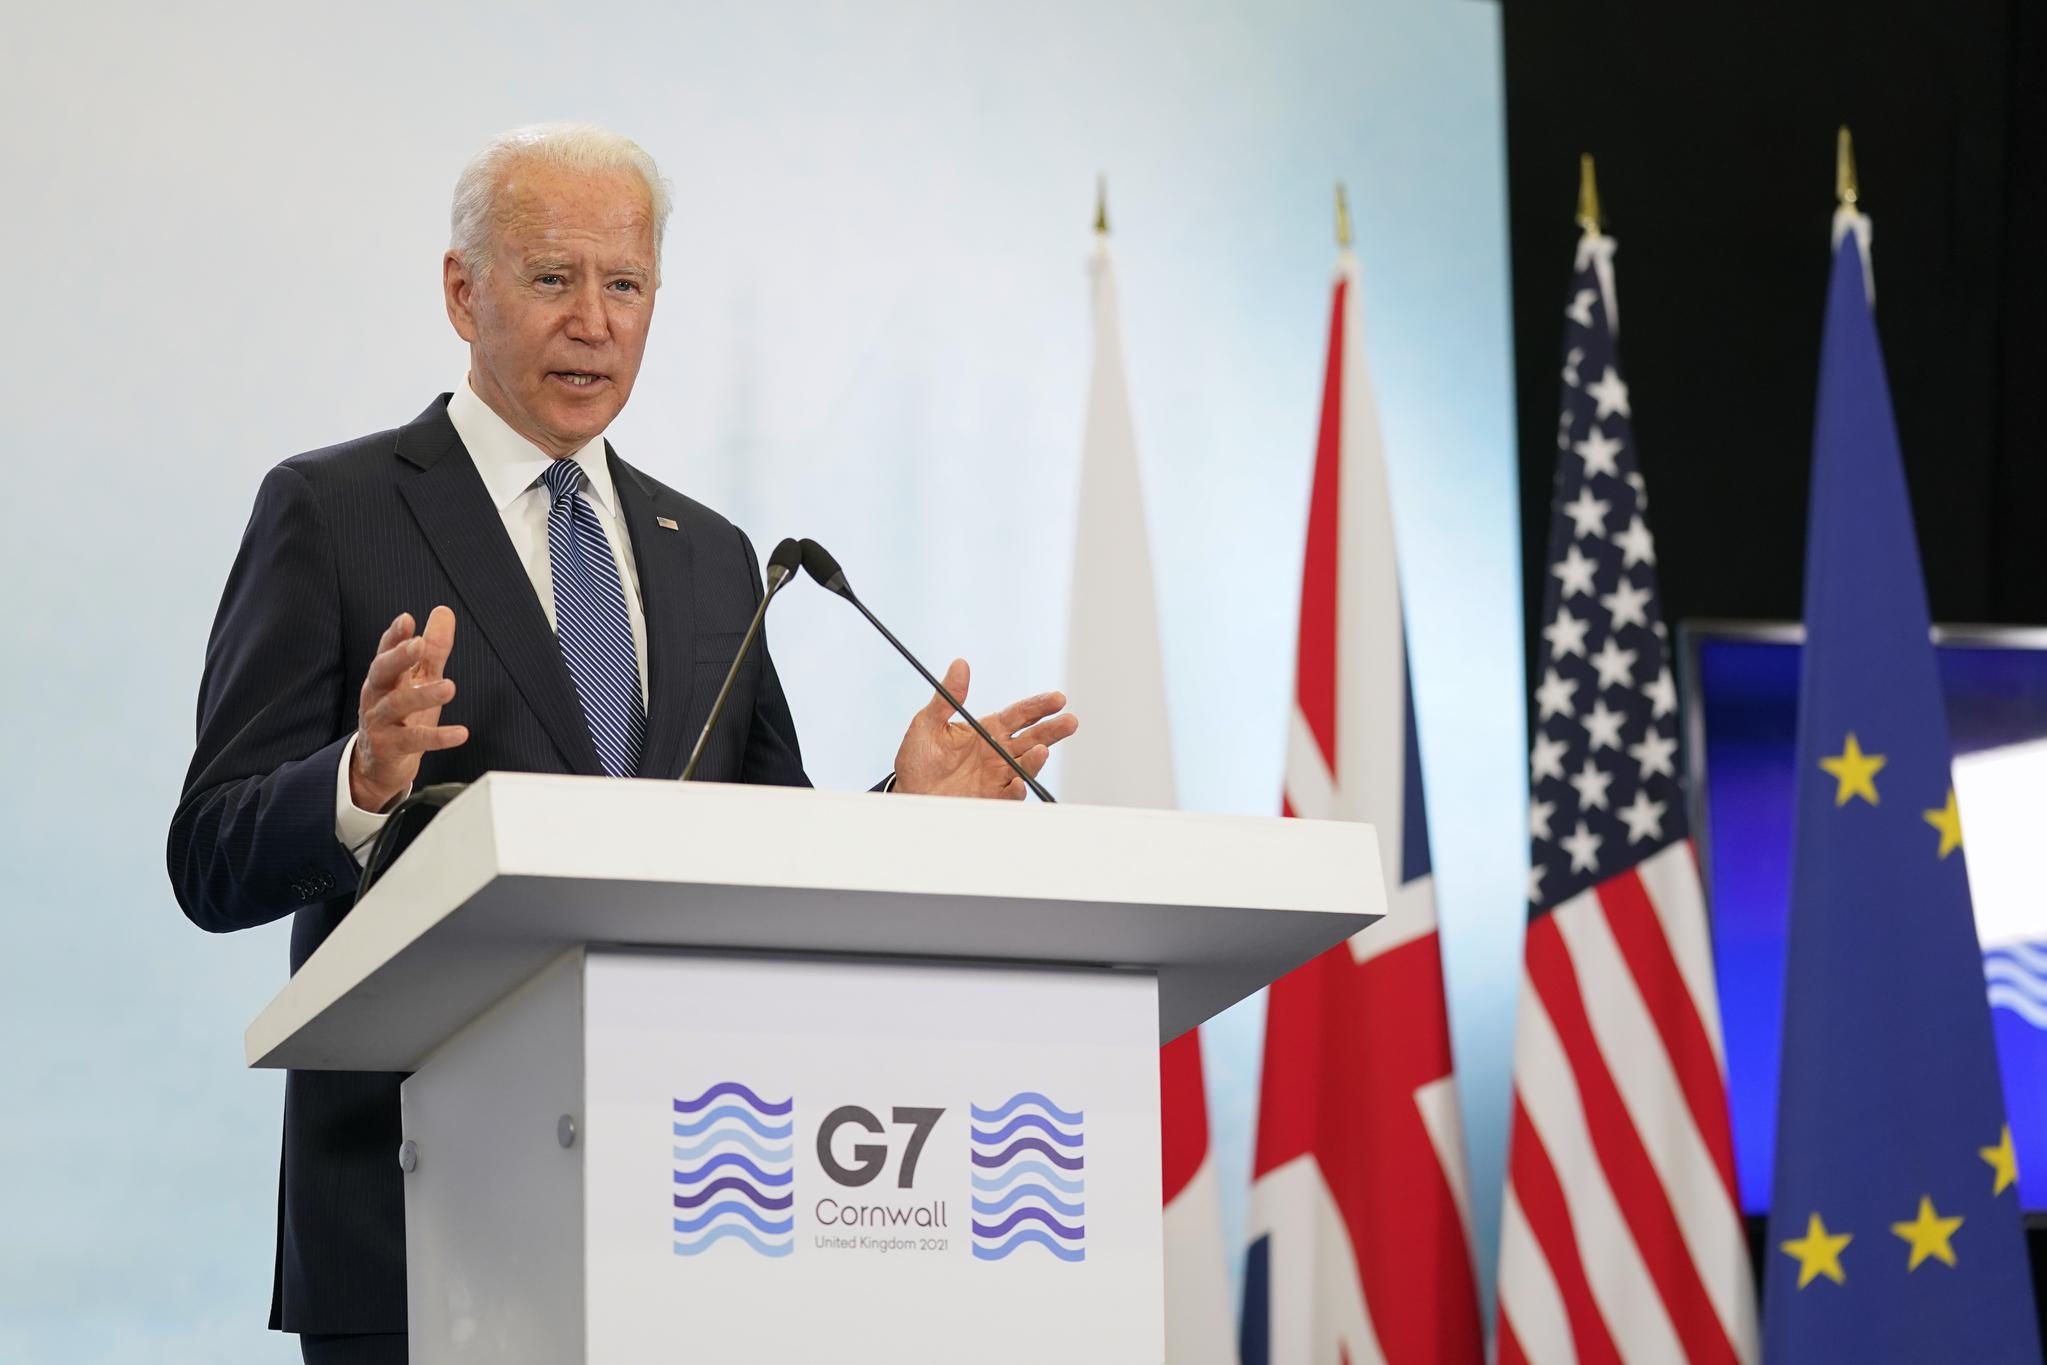 조 바이든 미국 대통령이 13일(현지시간) 영국 뉴캐이 콘월 공항에서 열린 주요 7개국(G7) 정상회의 참석 후 기자회견에서 발언하고 있다. AP=연합뉴스